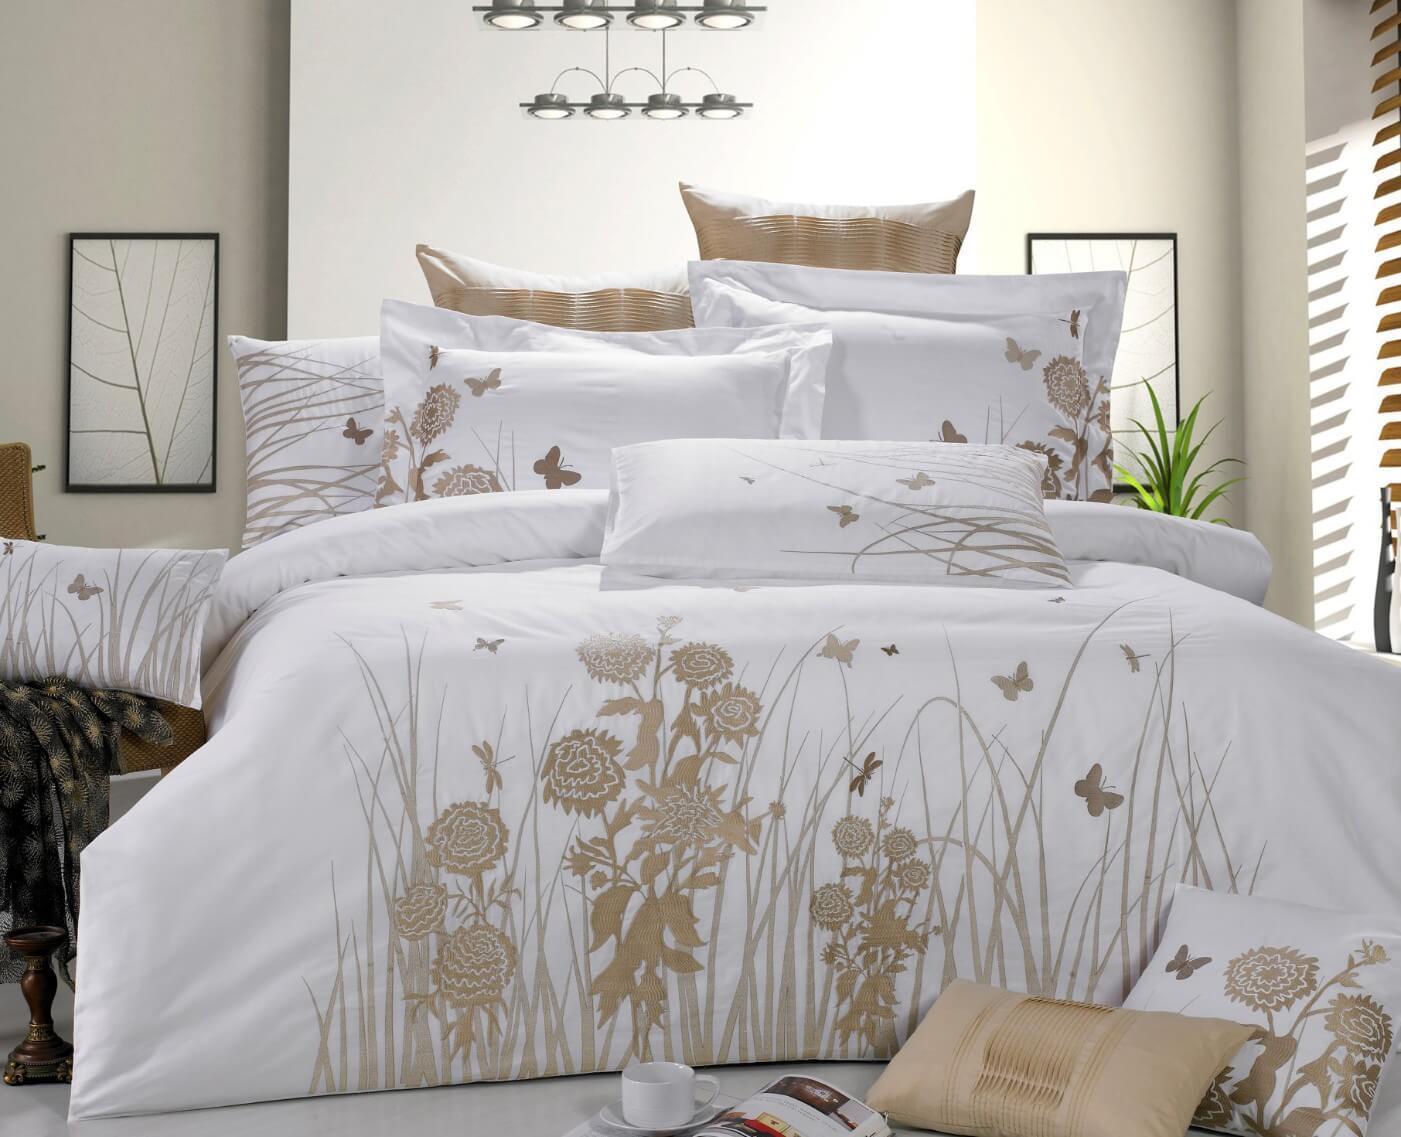 Maishaa Thread Art Collection Bed Linen 6